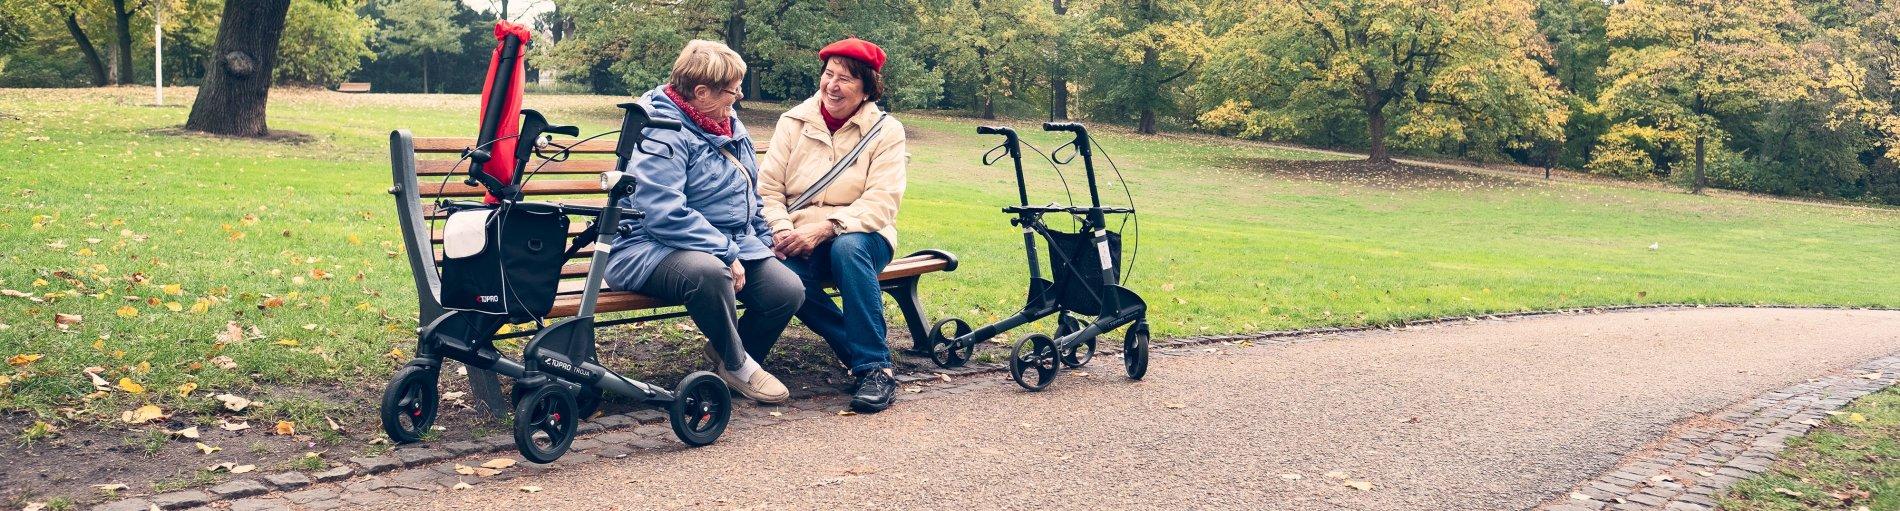 Zwei ältere Damen sitzen auf einer Parkbank und unterhalten sich fröhlich.